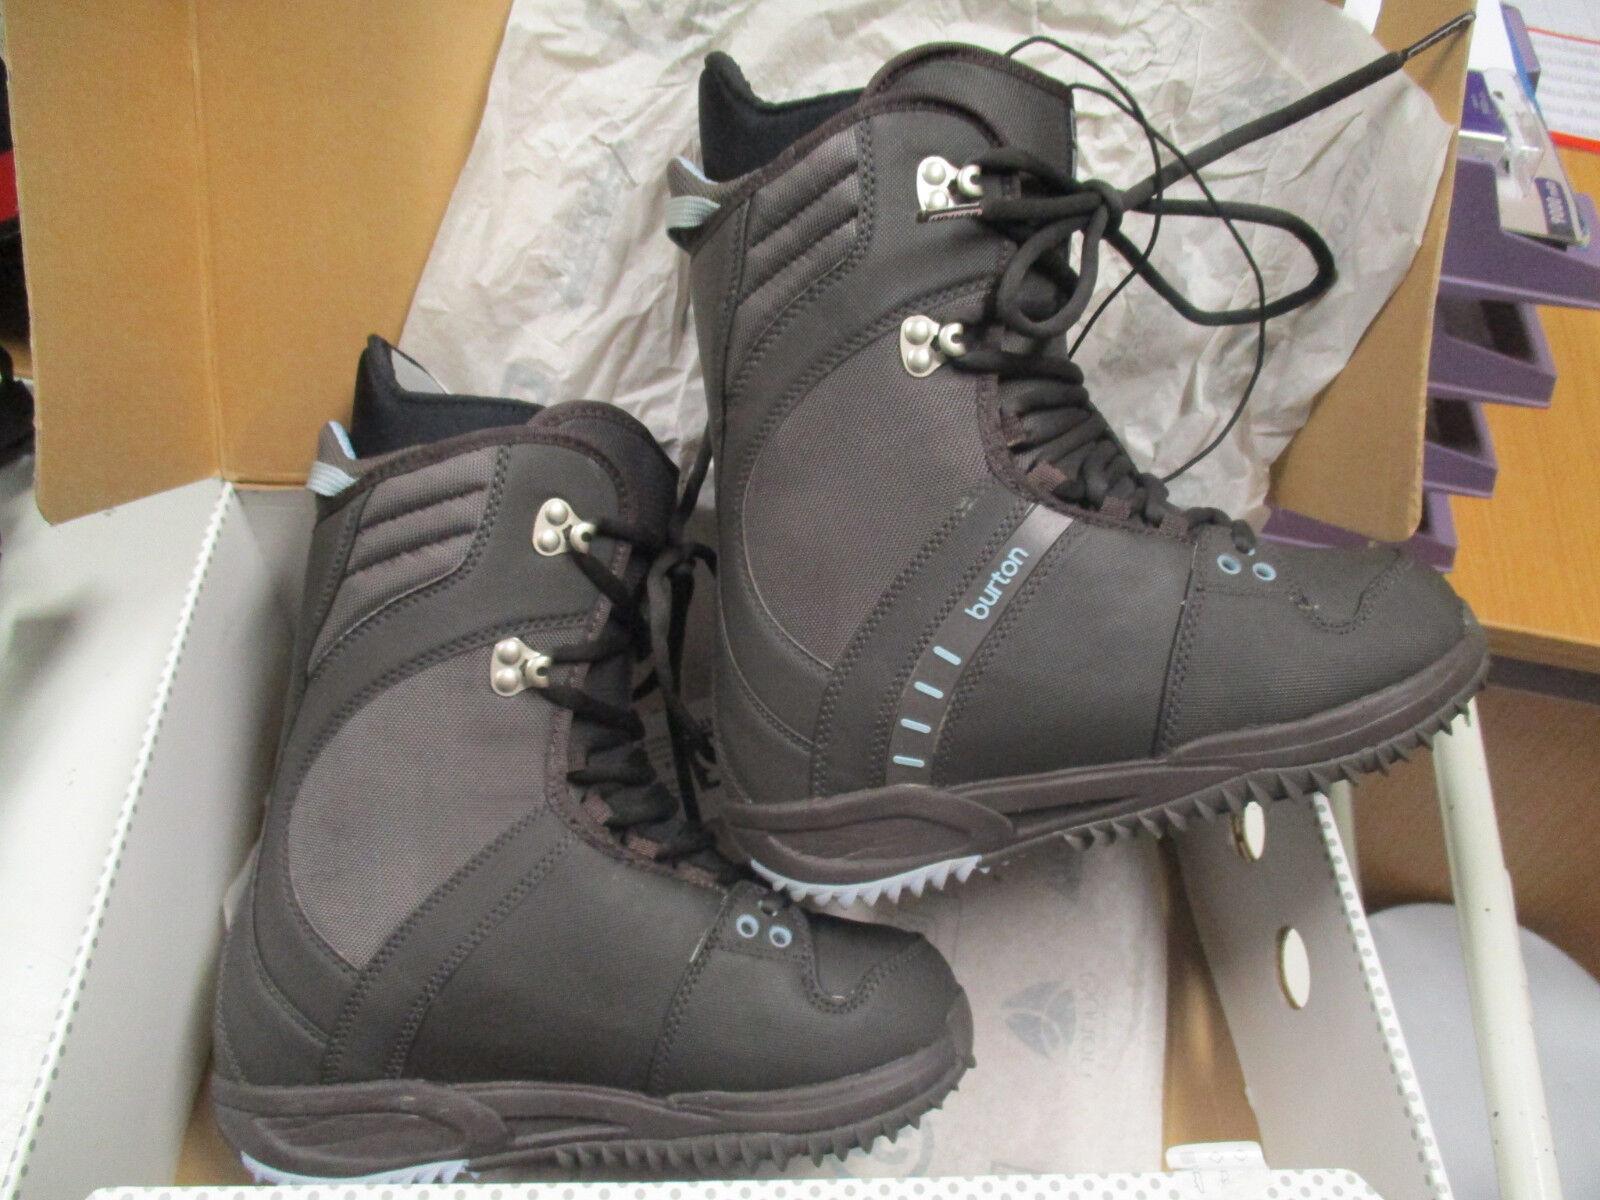 Burton Freestyle Stiefel für Frauen und und und Teens - SoftStiefel   Neu NP   Gr.35-36 b4ae44